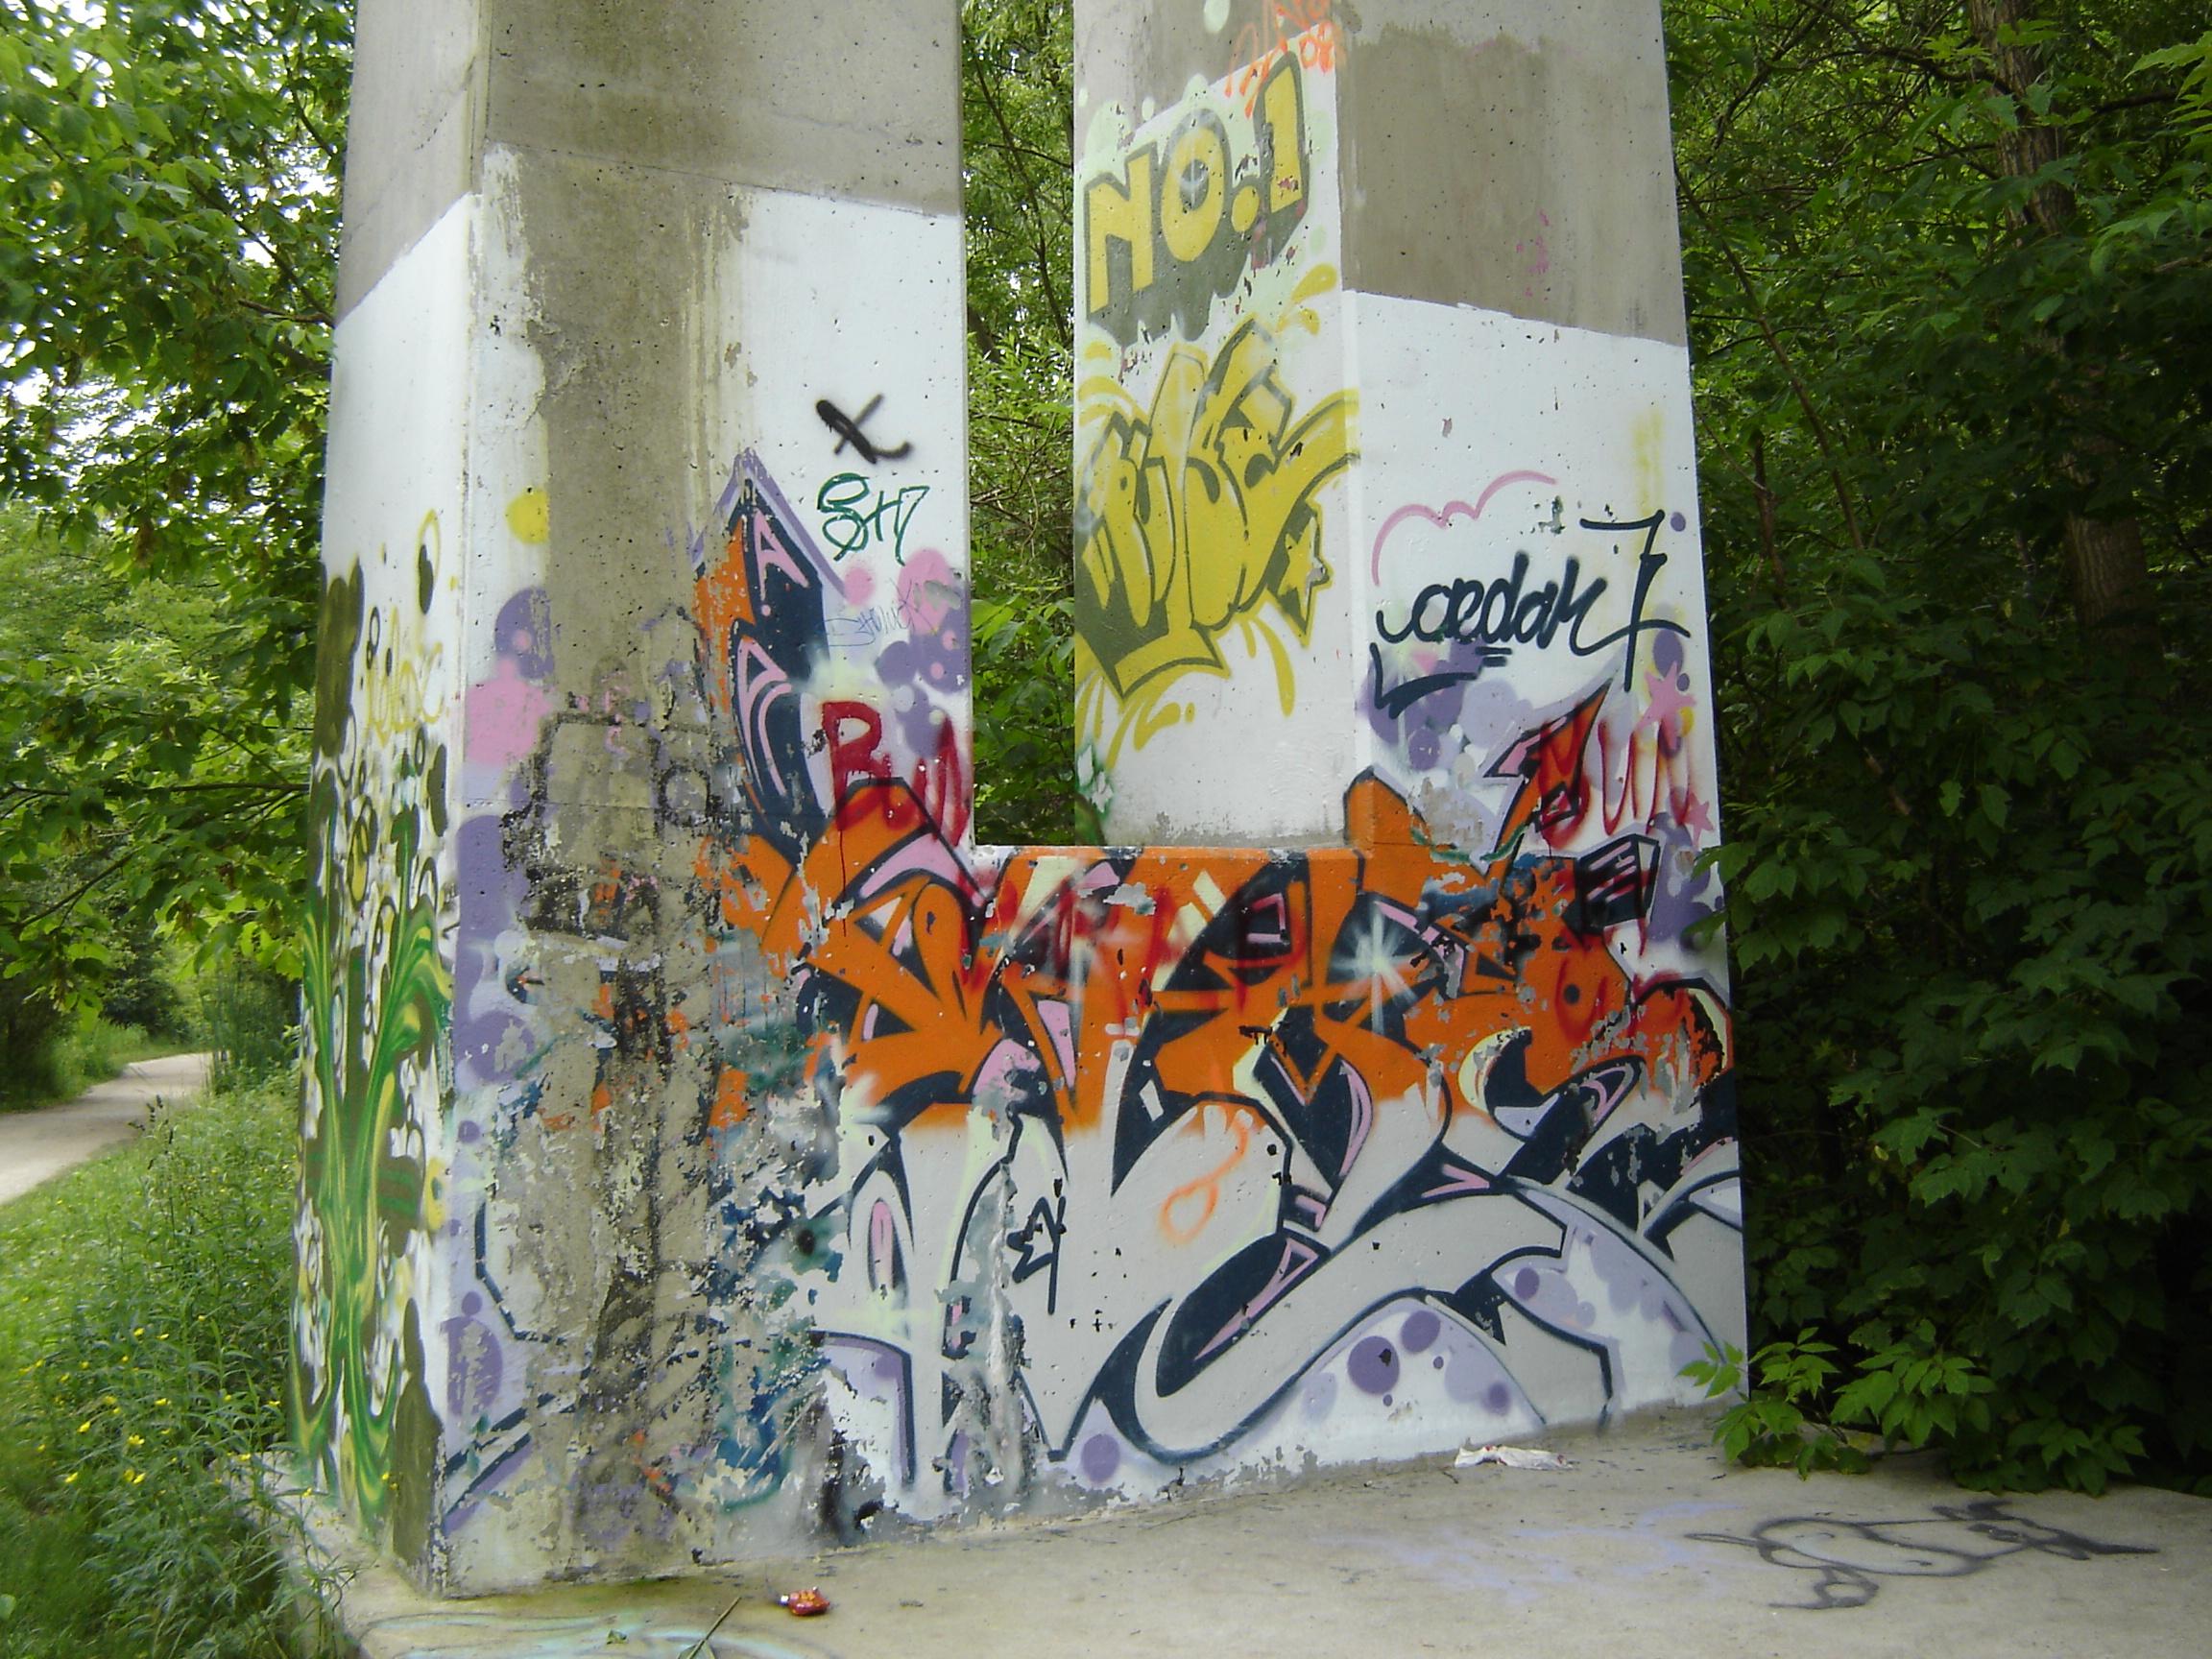 Glen Cedar Road trestle graffit